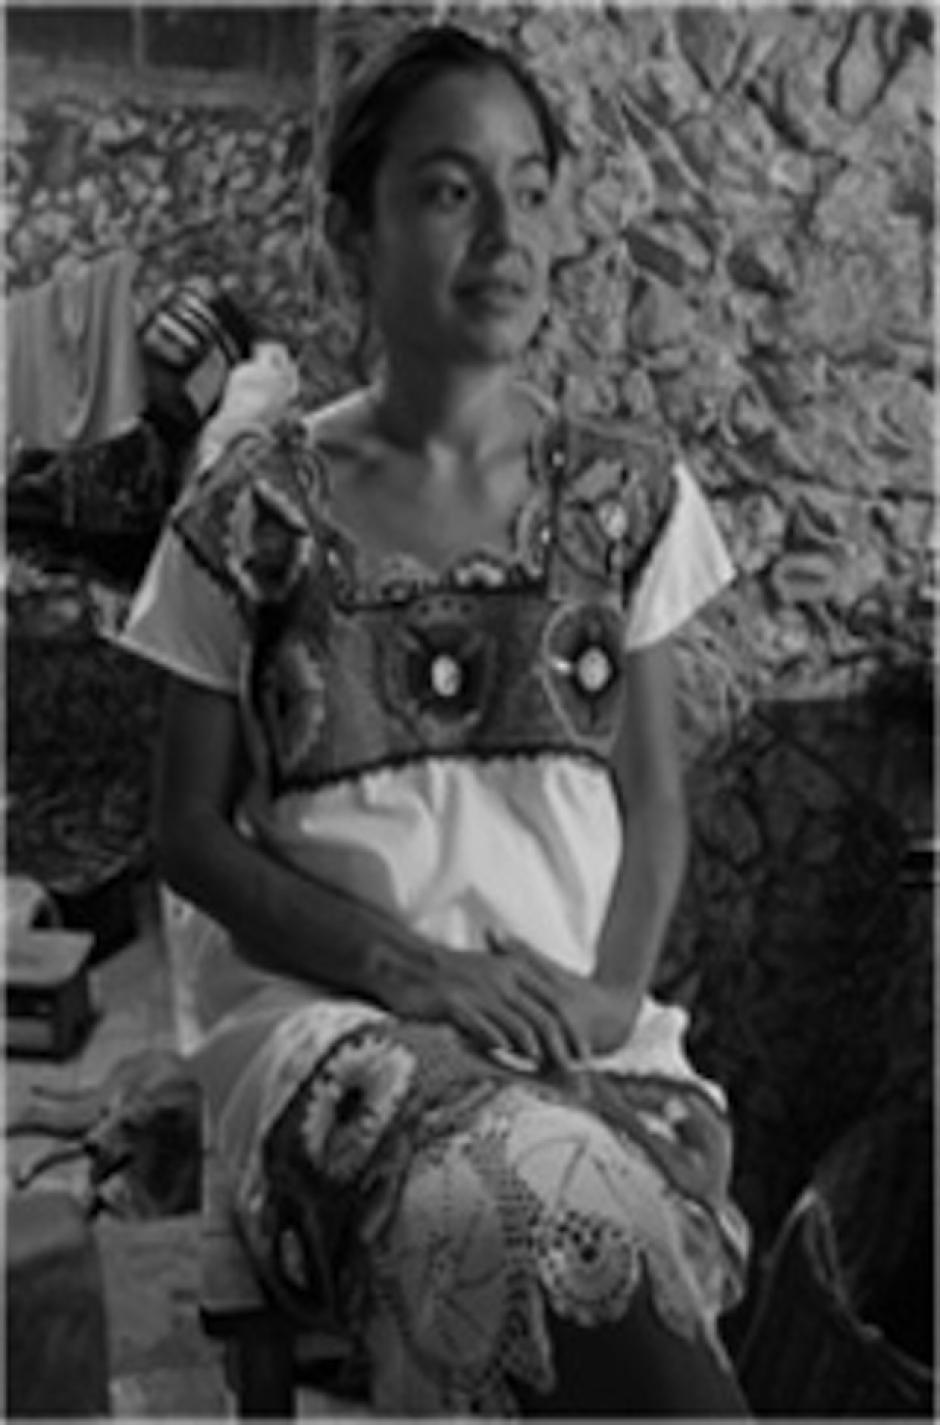 Tania Ramos de San Cristóbal de las Casas, México es una de las invitadas. (Foto: fipq.org)